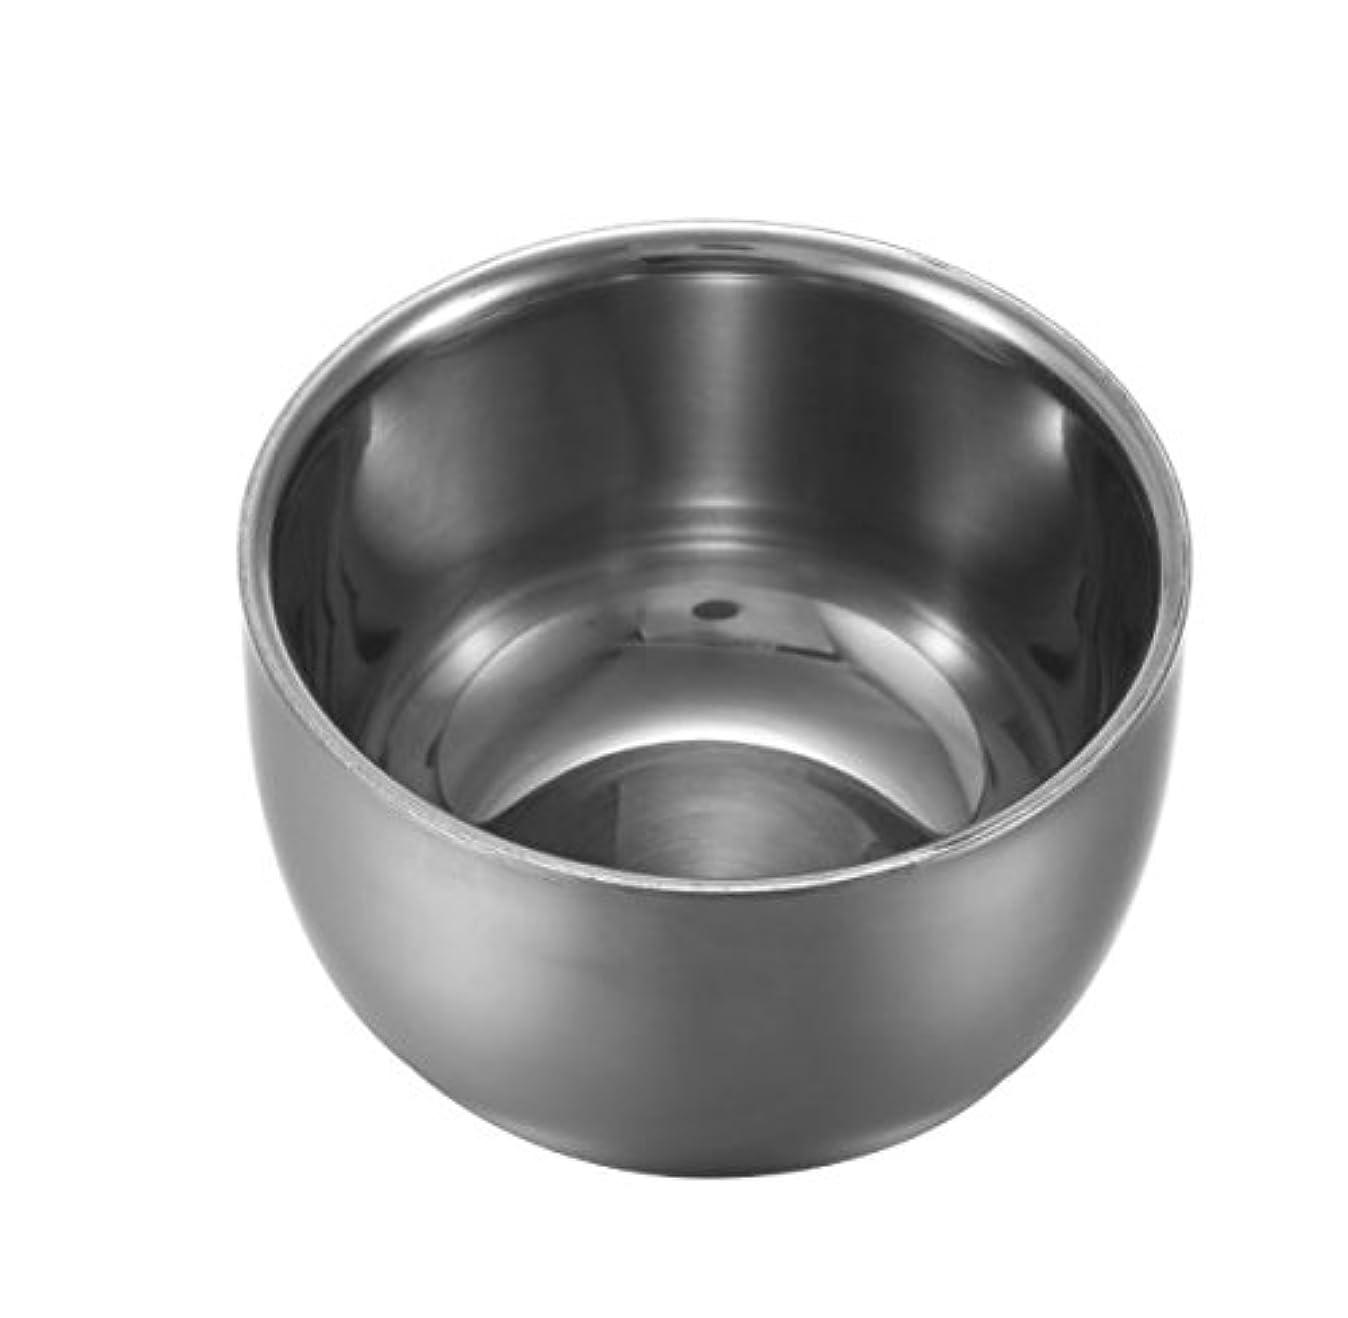 からかうラフ睡眠君主制7.5cm Stainless Steel Shaving Bowl Barber Beard Razor Cup For Shave Brush Male Face Cleaning Soap Mug Tool